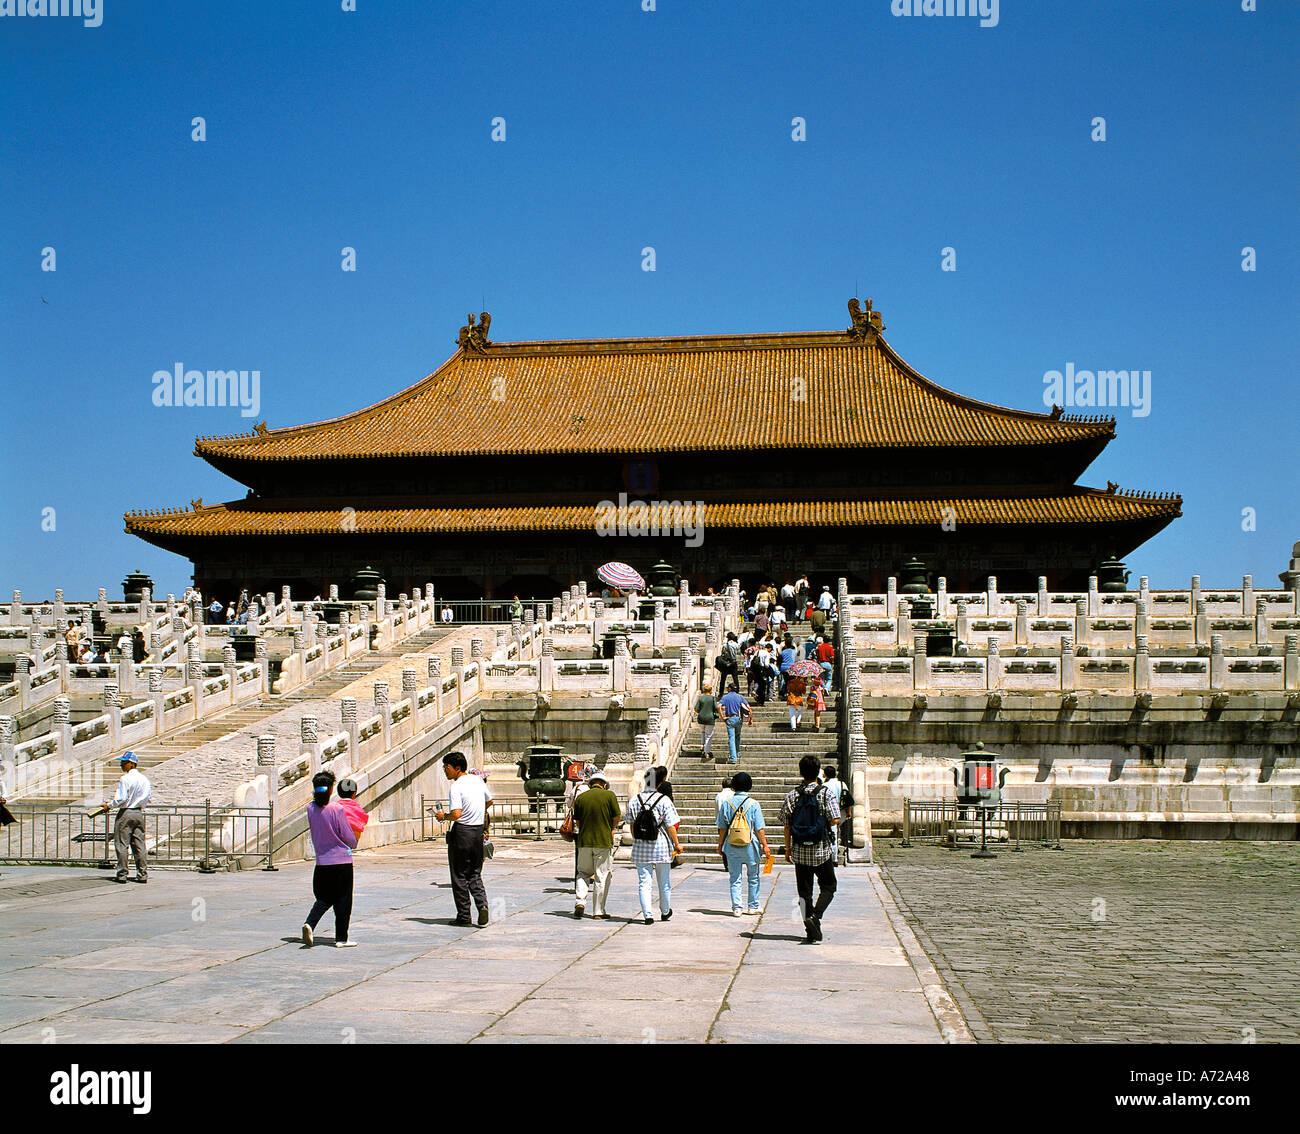 Hall der obersten Harmonie Kaiserpalast in der verbotenen Stadt Peking China Stockfoto